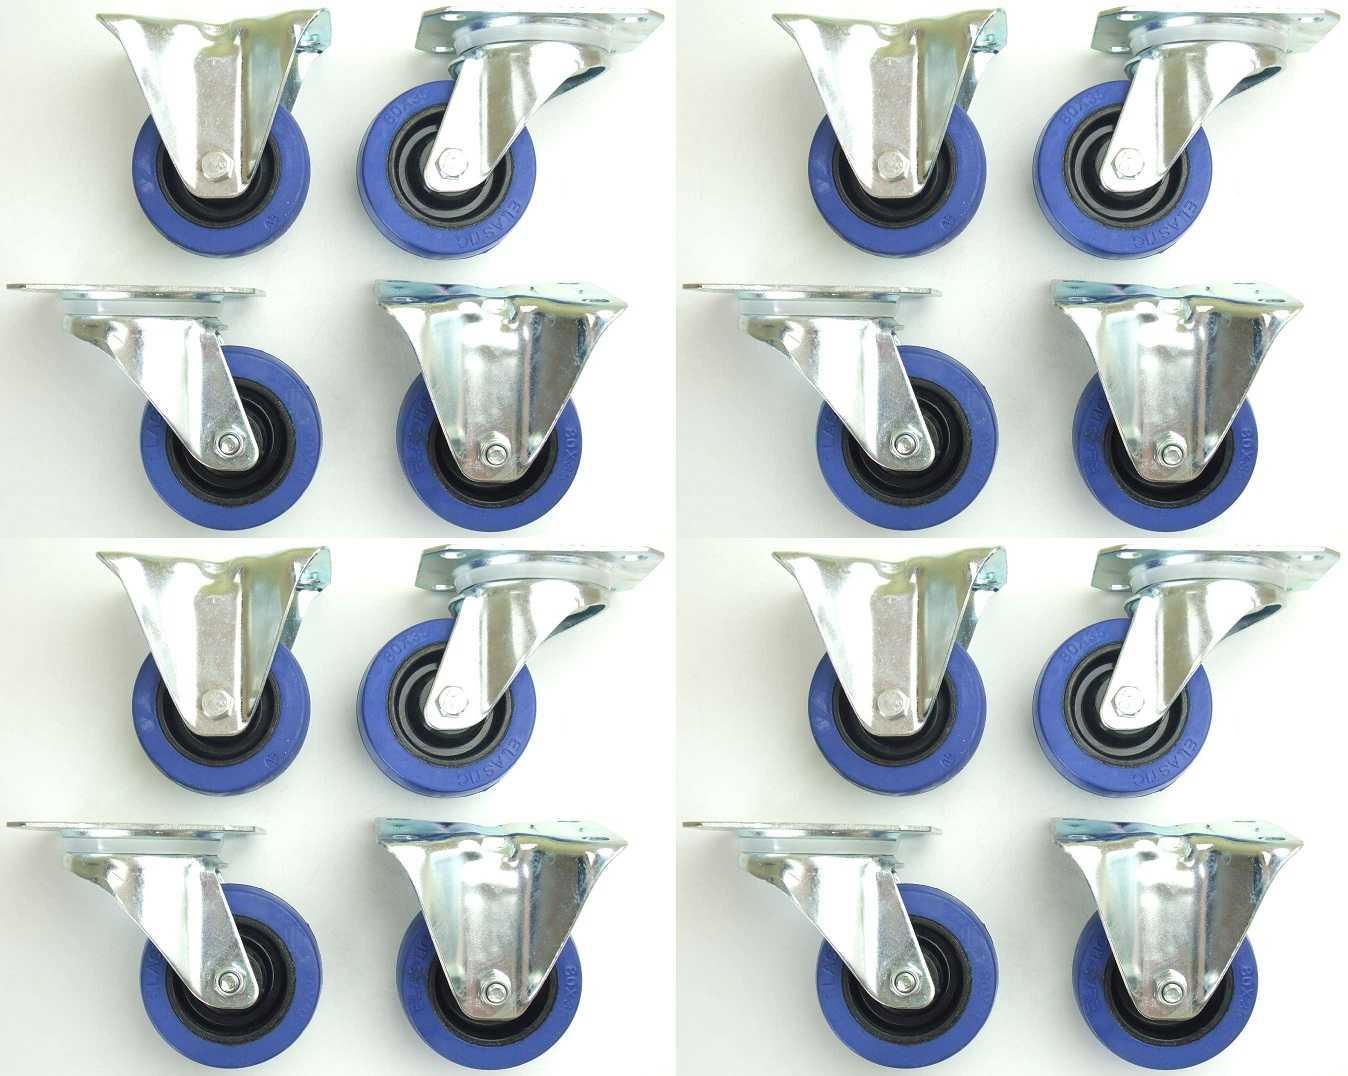 4 Set SL 80 mm Gummi Rollen BLUE WHEELS Transportrollen Lenkrollen /& Bockrollen